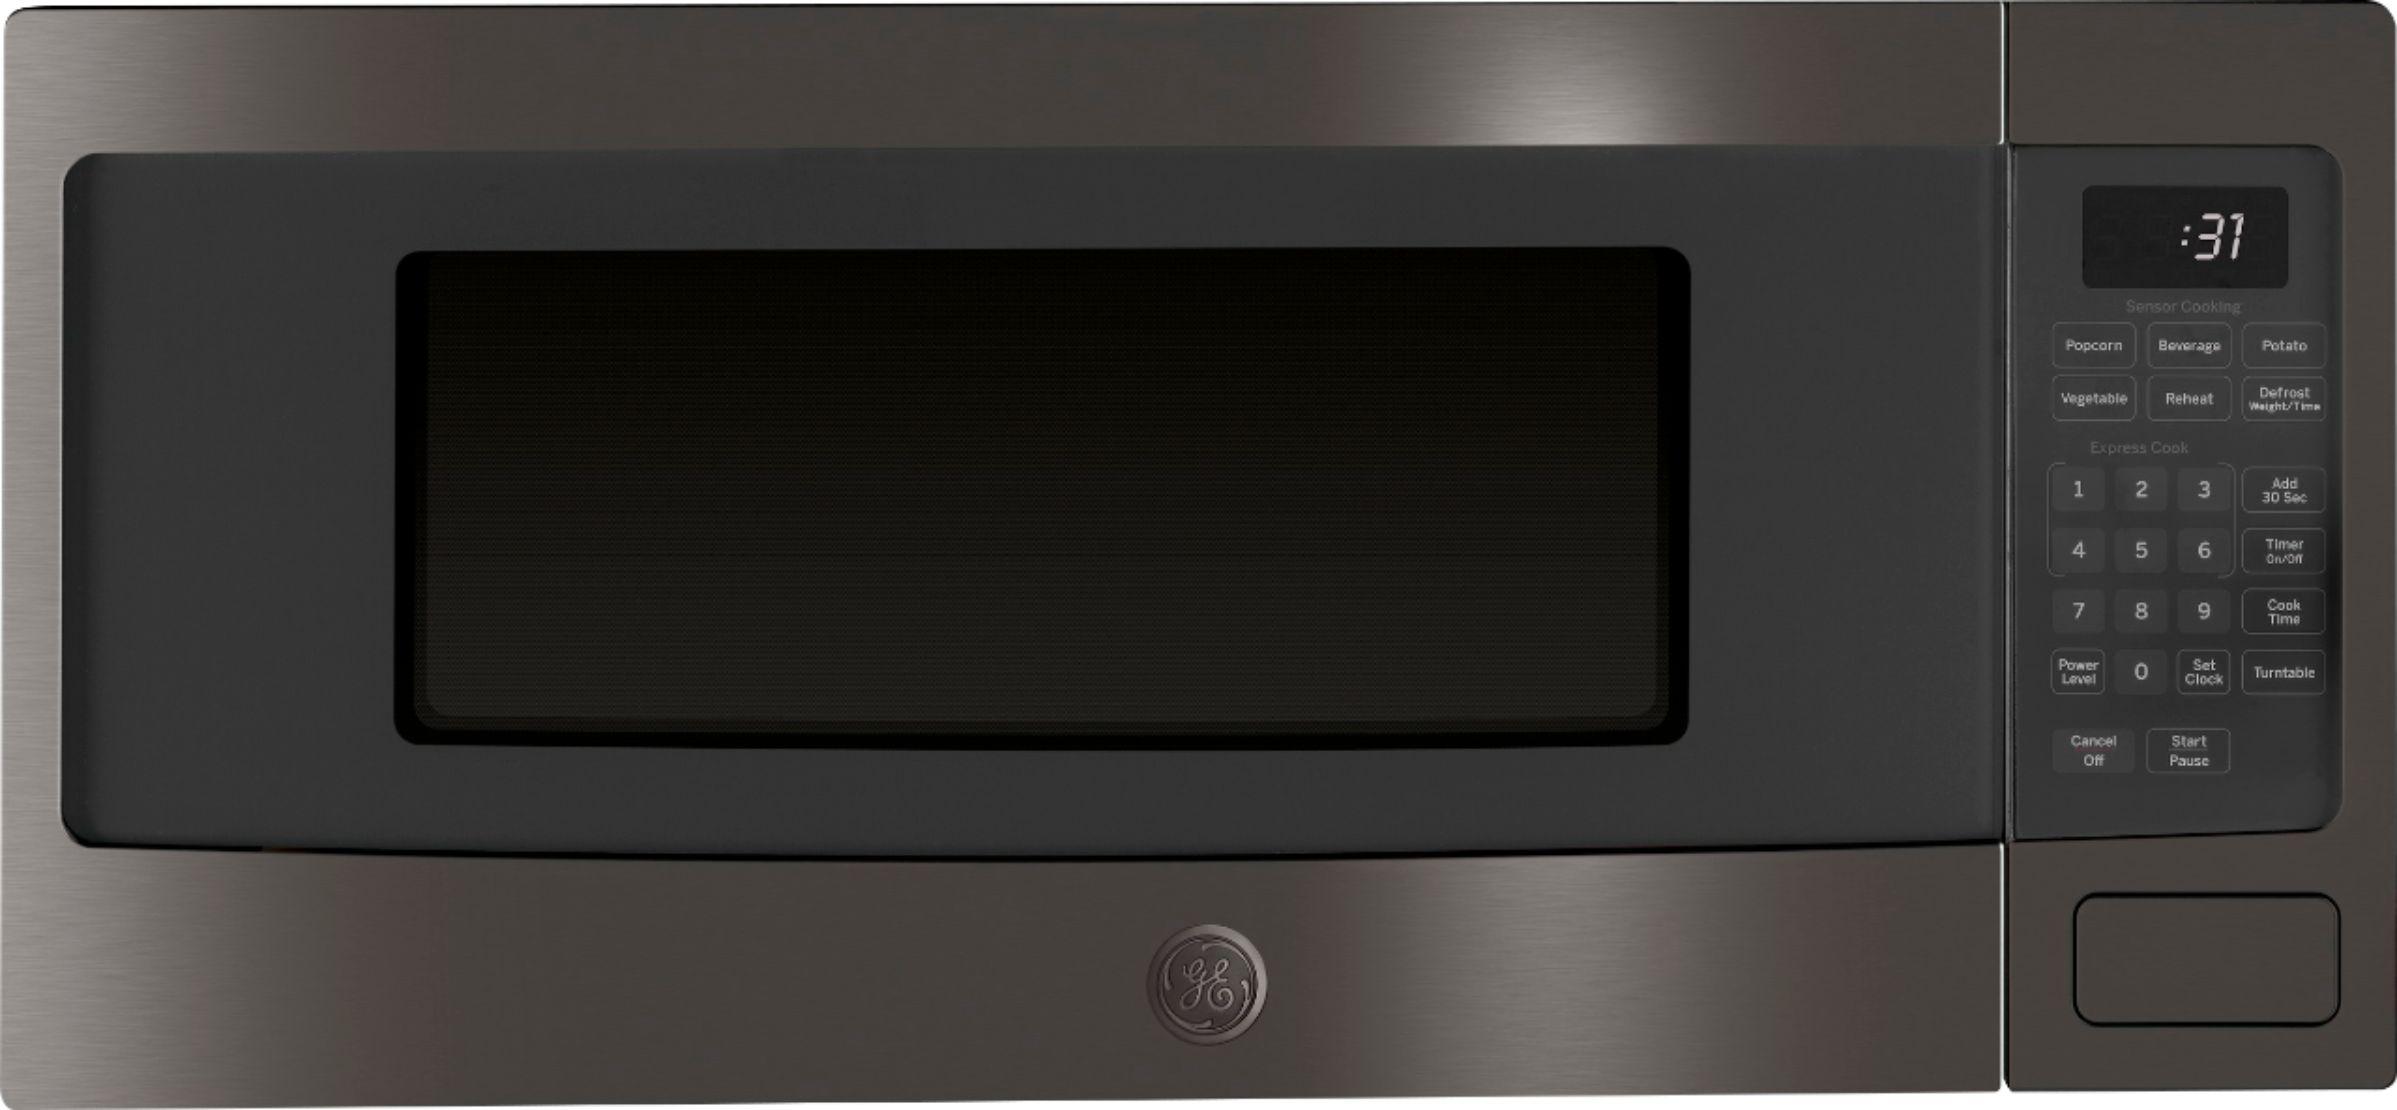 ge profile series 1 1 cu ft microwave black stainless steel